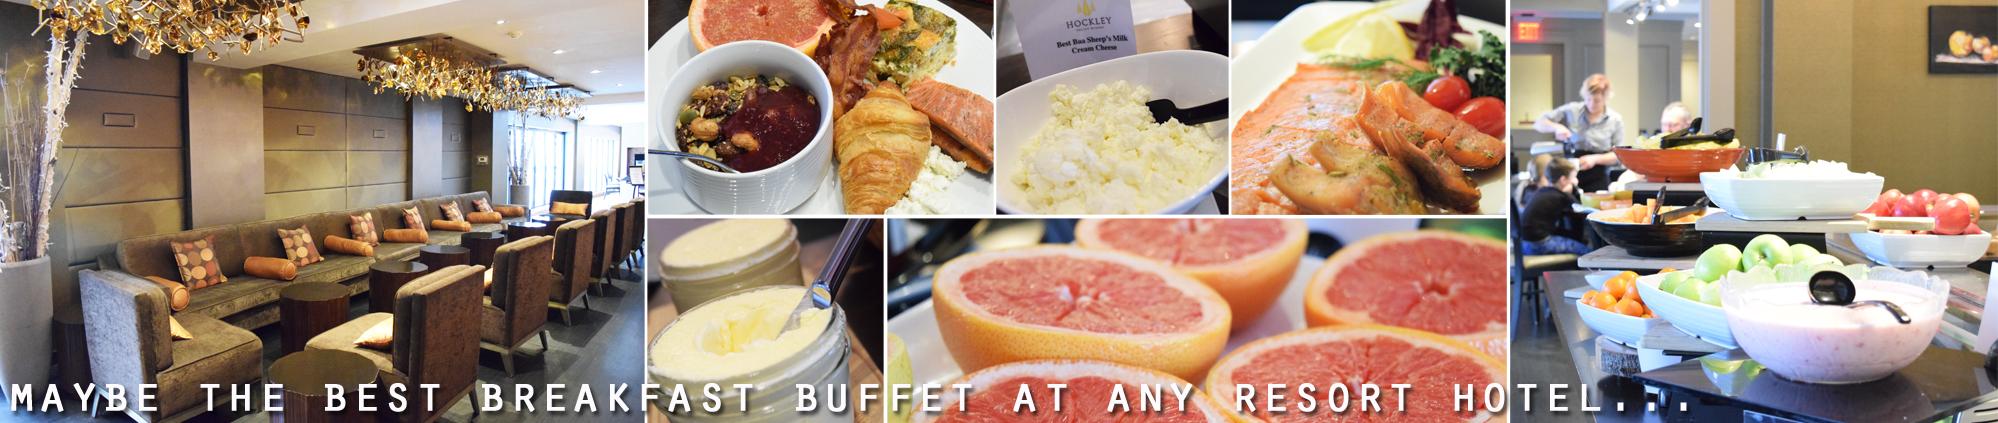 Hockley Valley Resort buffet breakfast